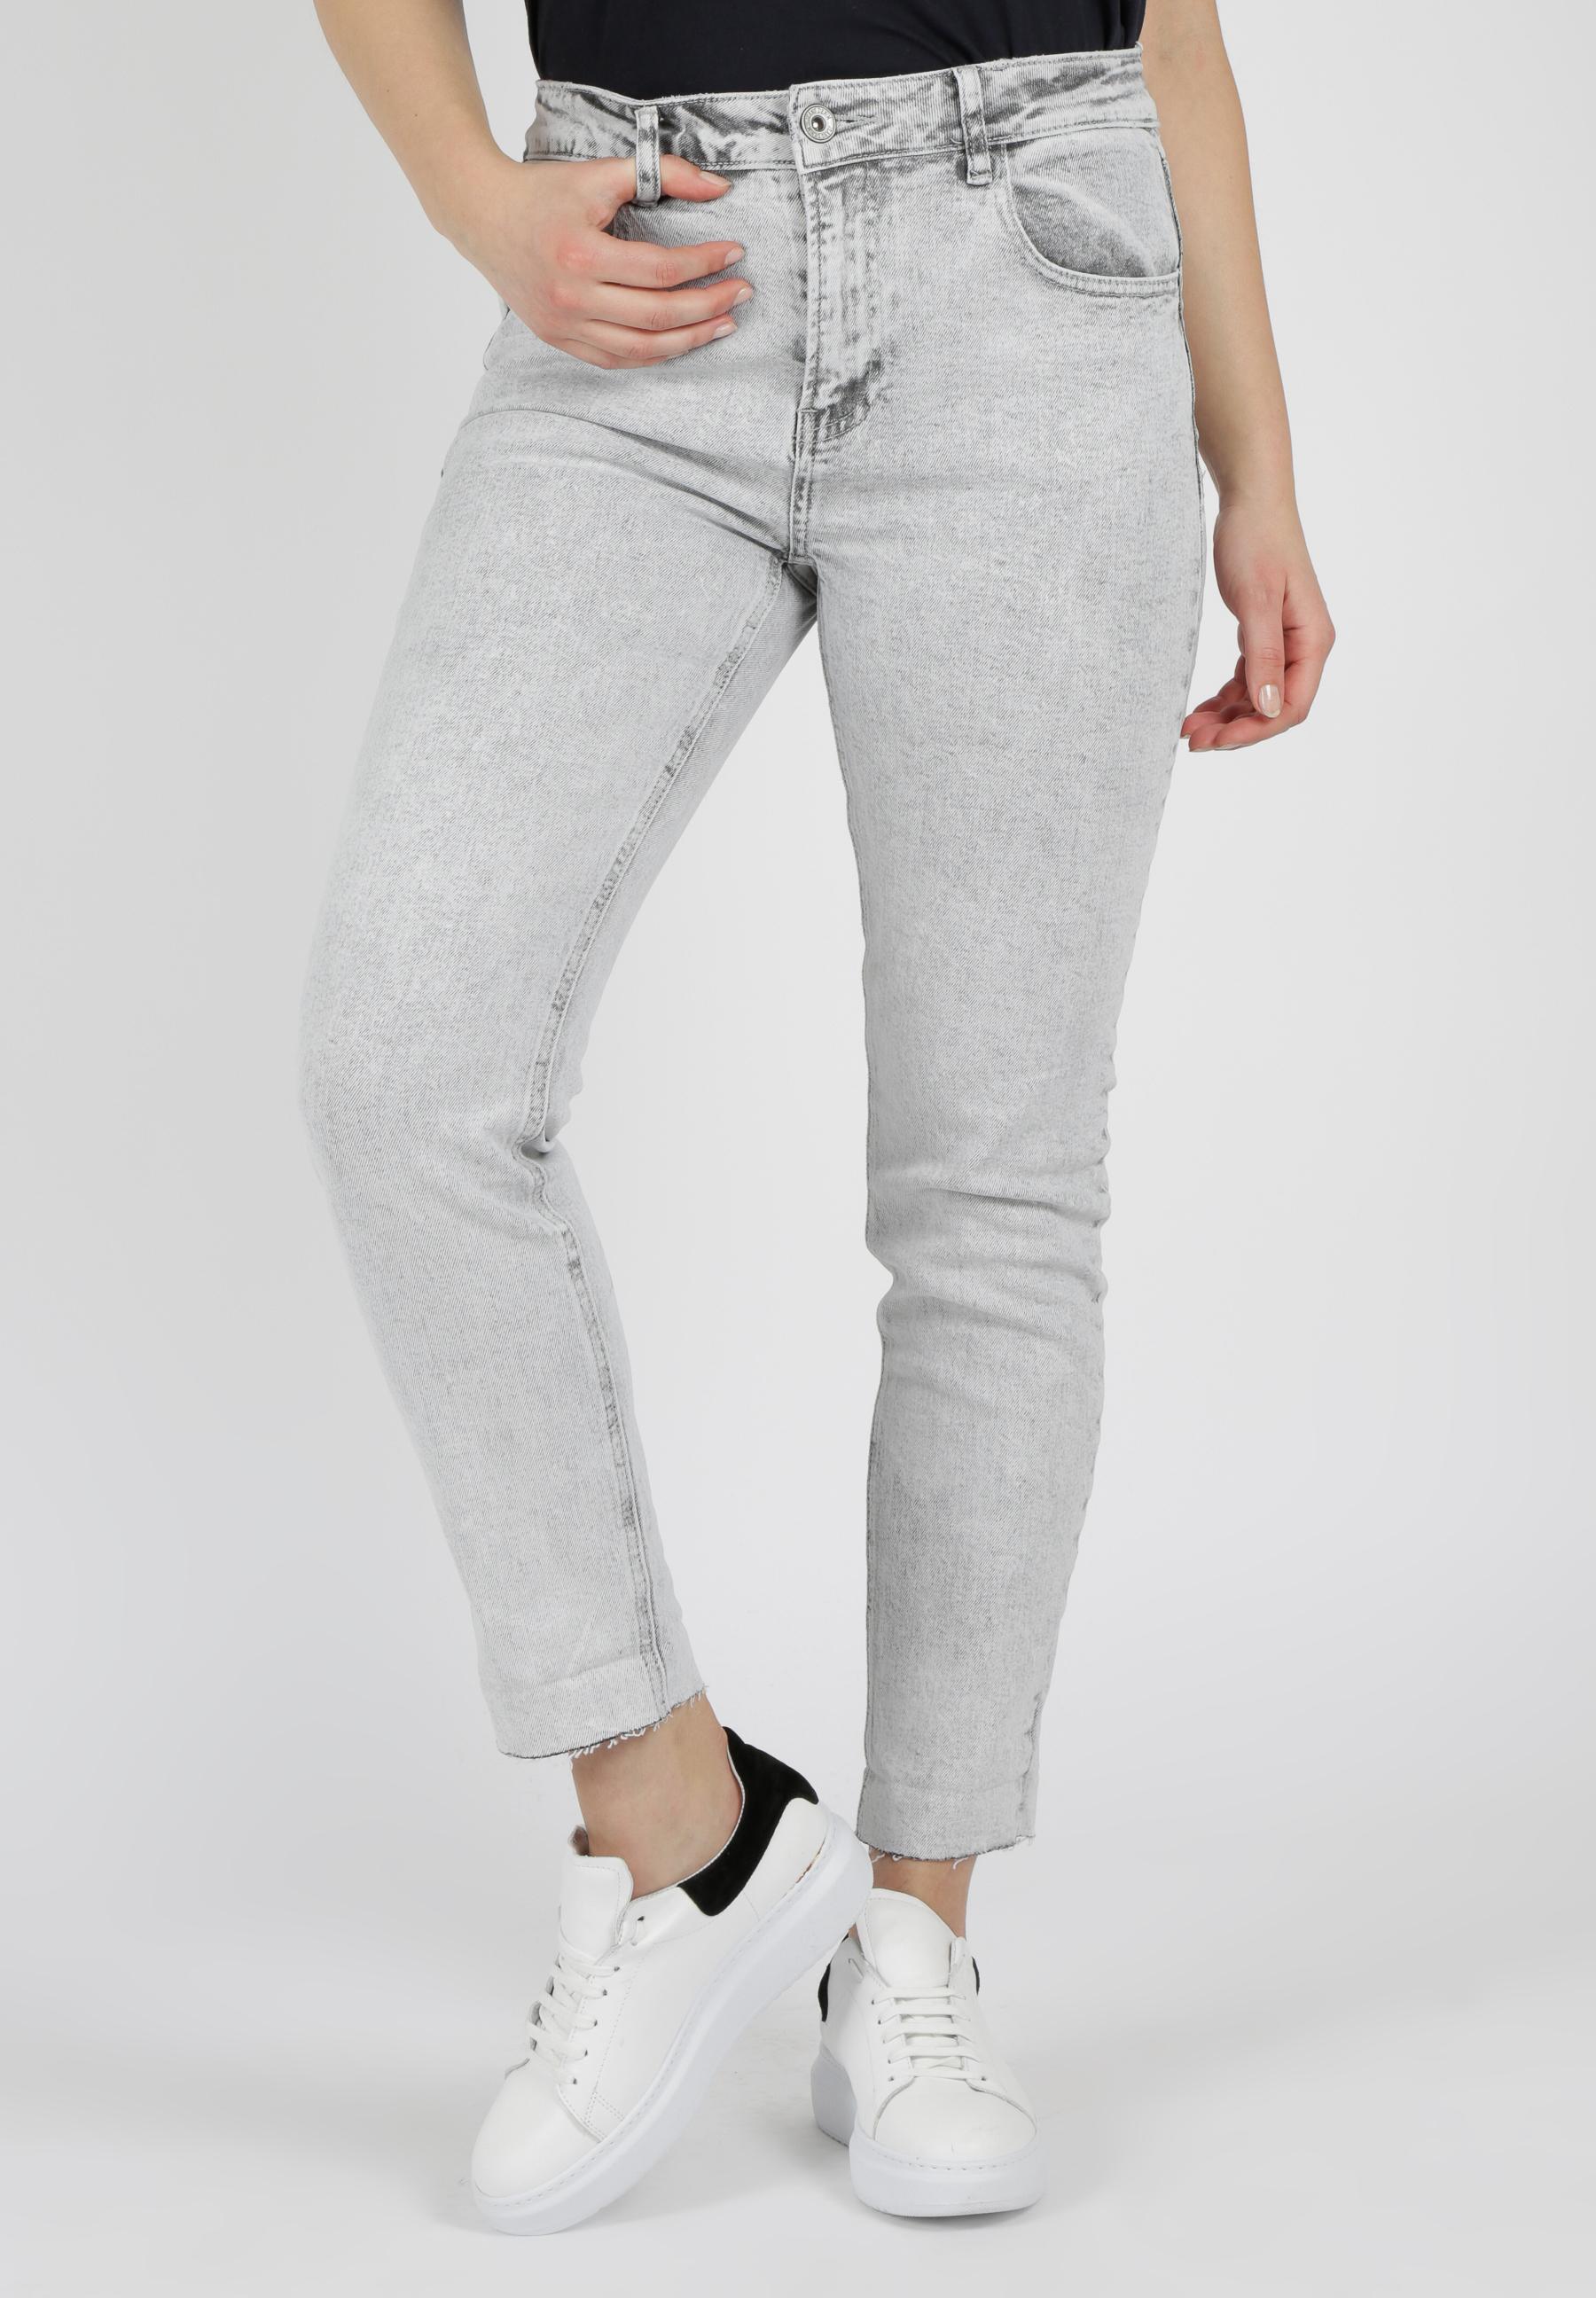 MiaZAYA 80's grey washed Jeans